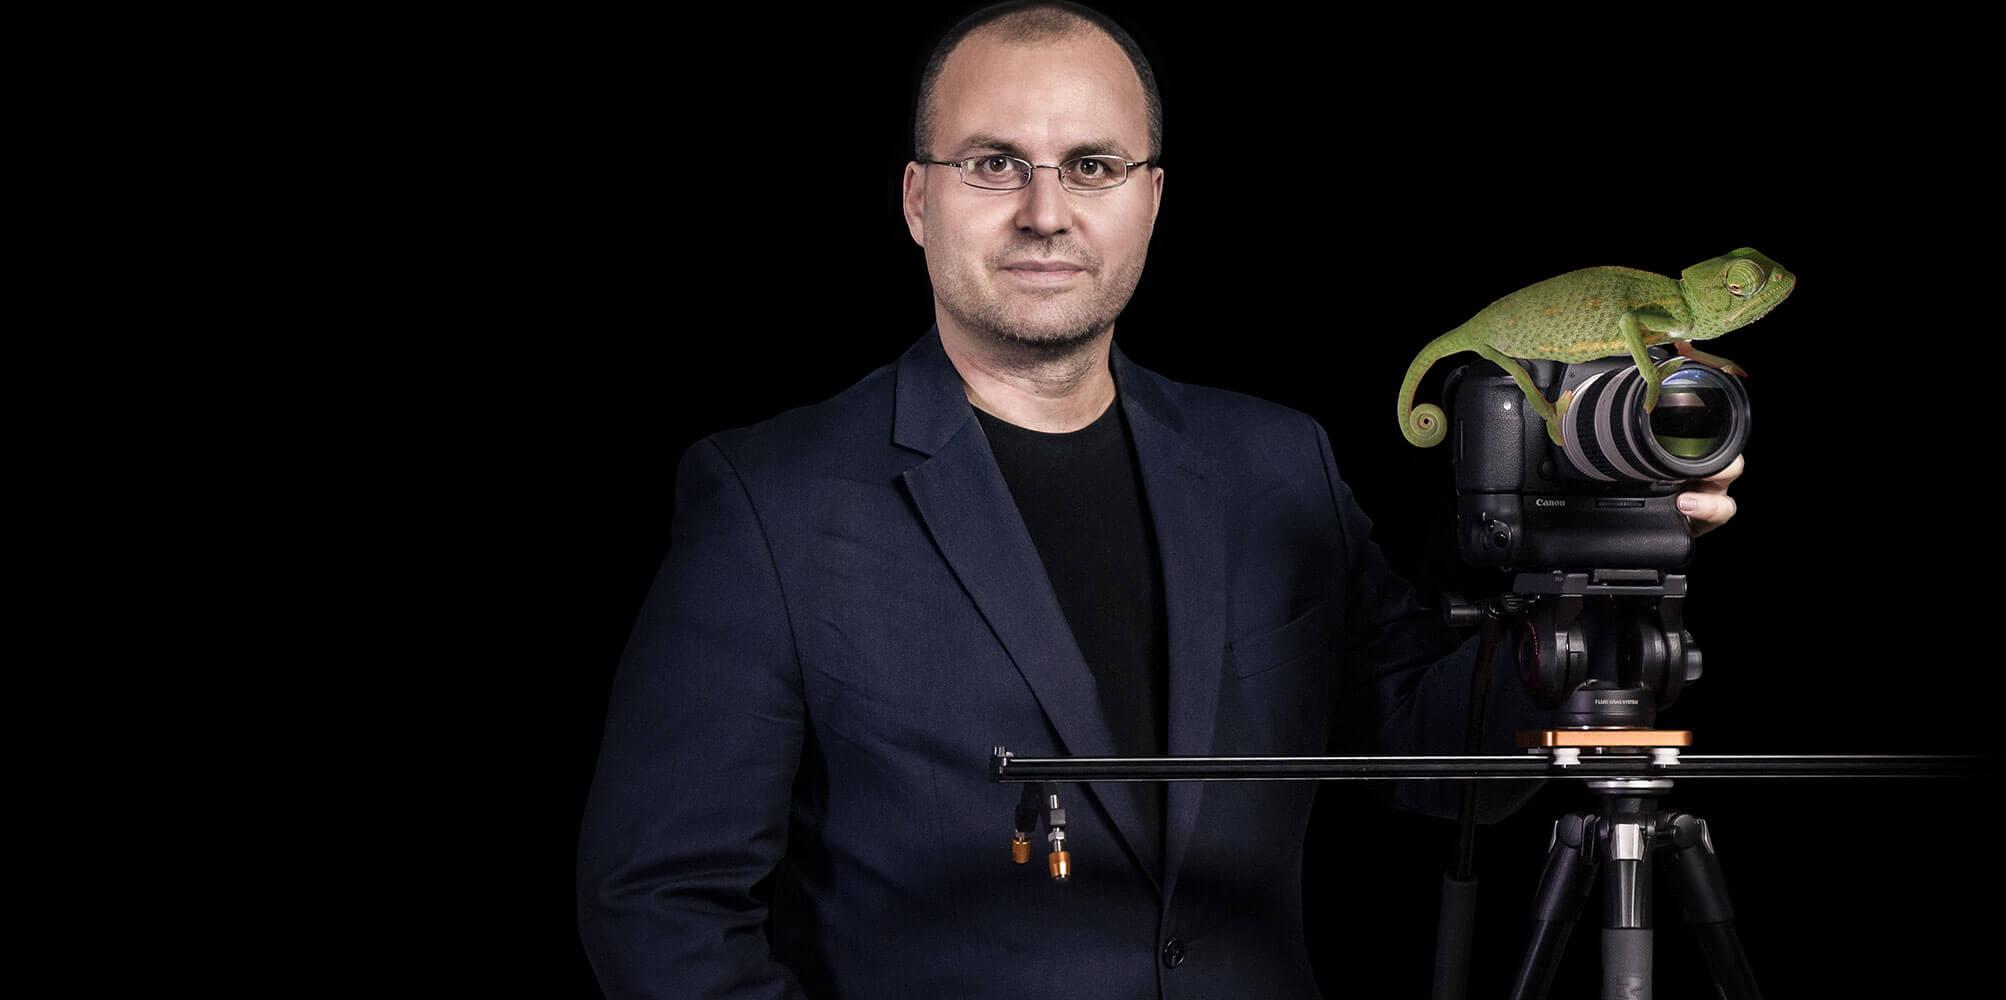 Matthias Gottwald steht neben der Kamera, auf der ein Chamäleon sitzt.